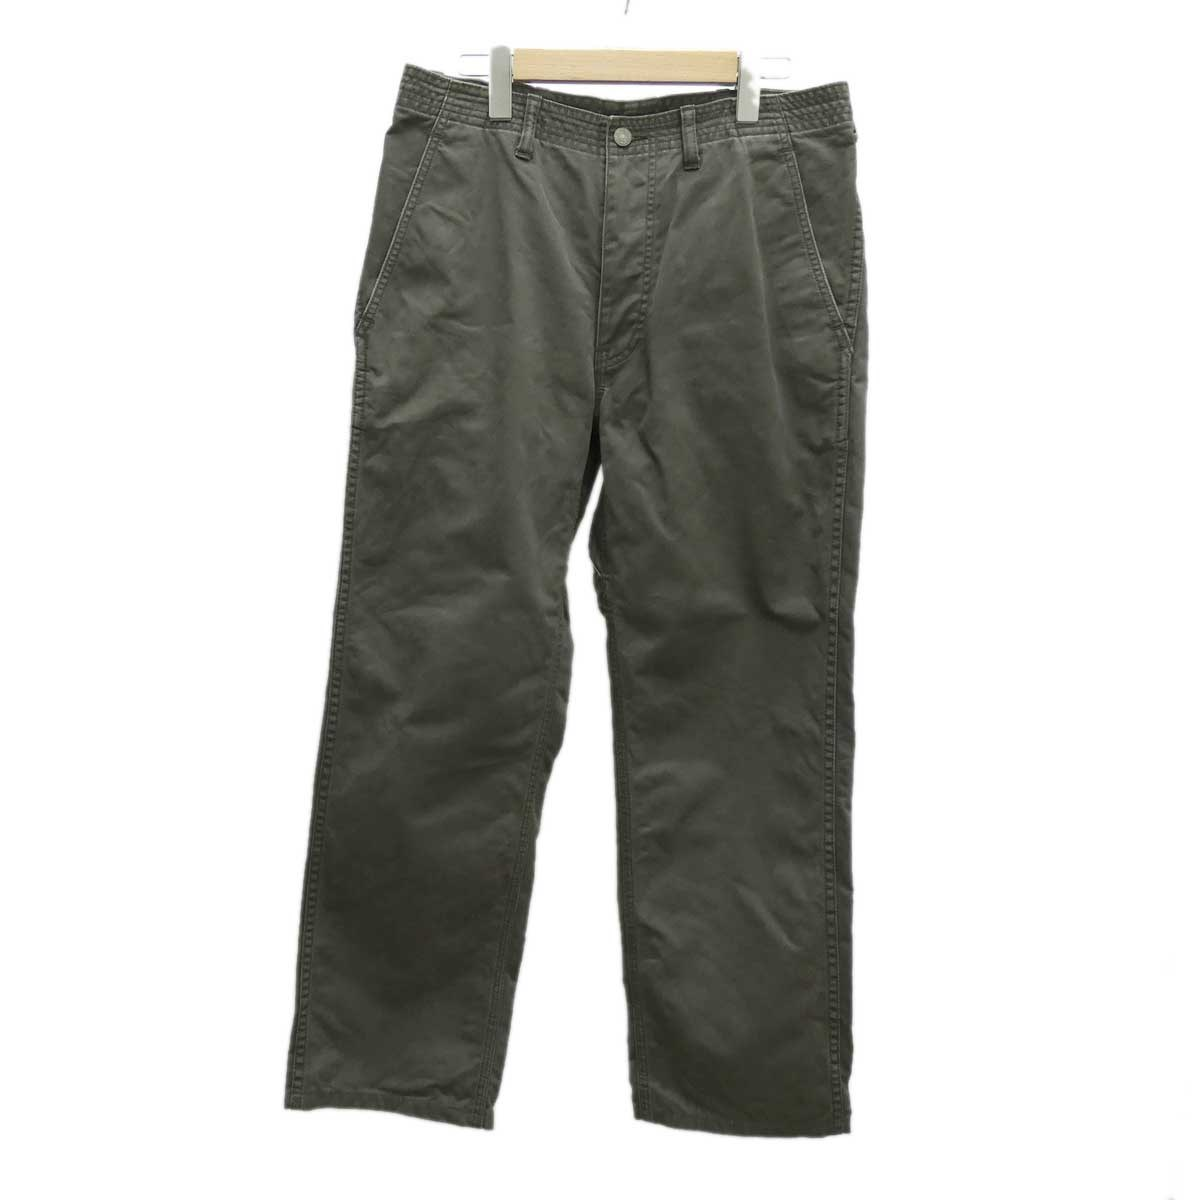 【中古】SASSAFRAS Sprayer Pants コットンパンツ カーキ サイズ:M 【051219】(ササフラス)